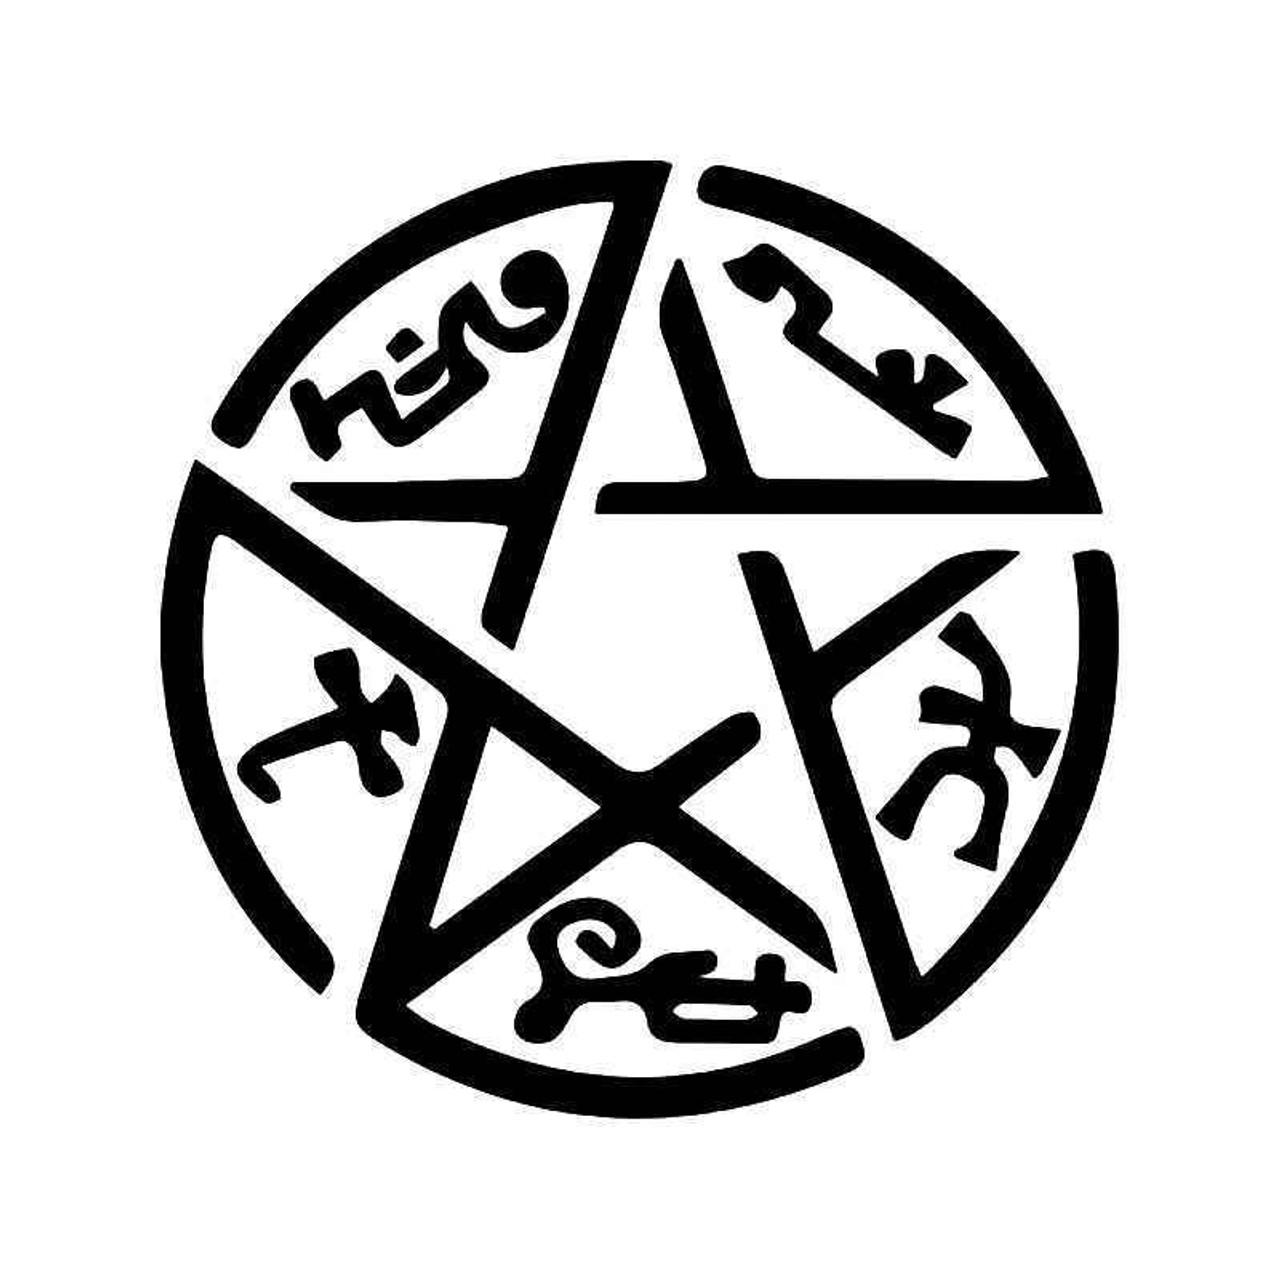 Demon Trap Supernatural Vinyl Sticker